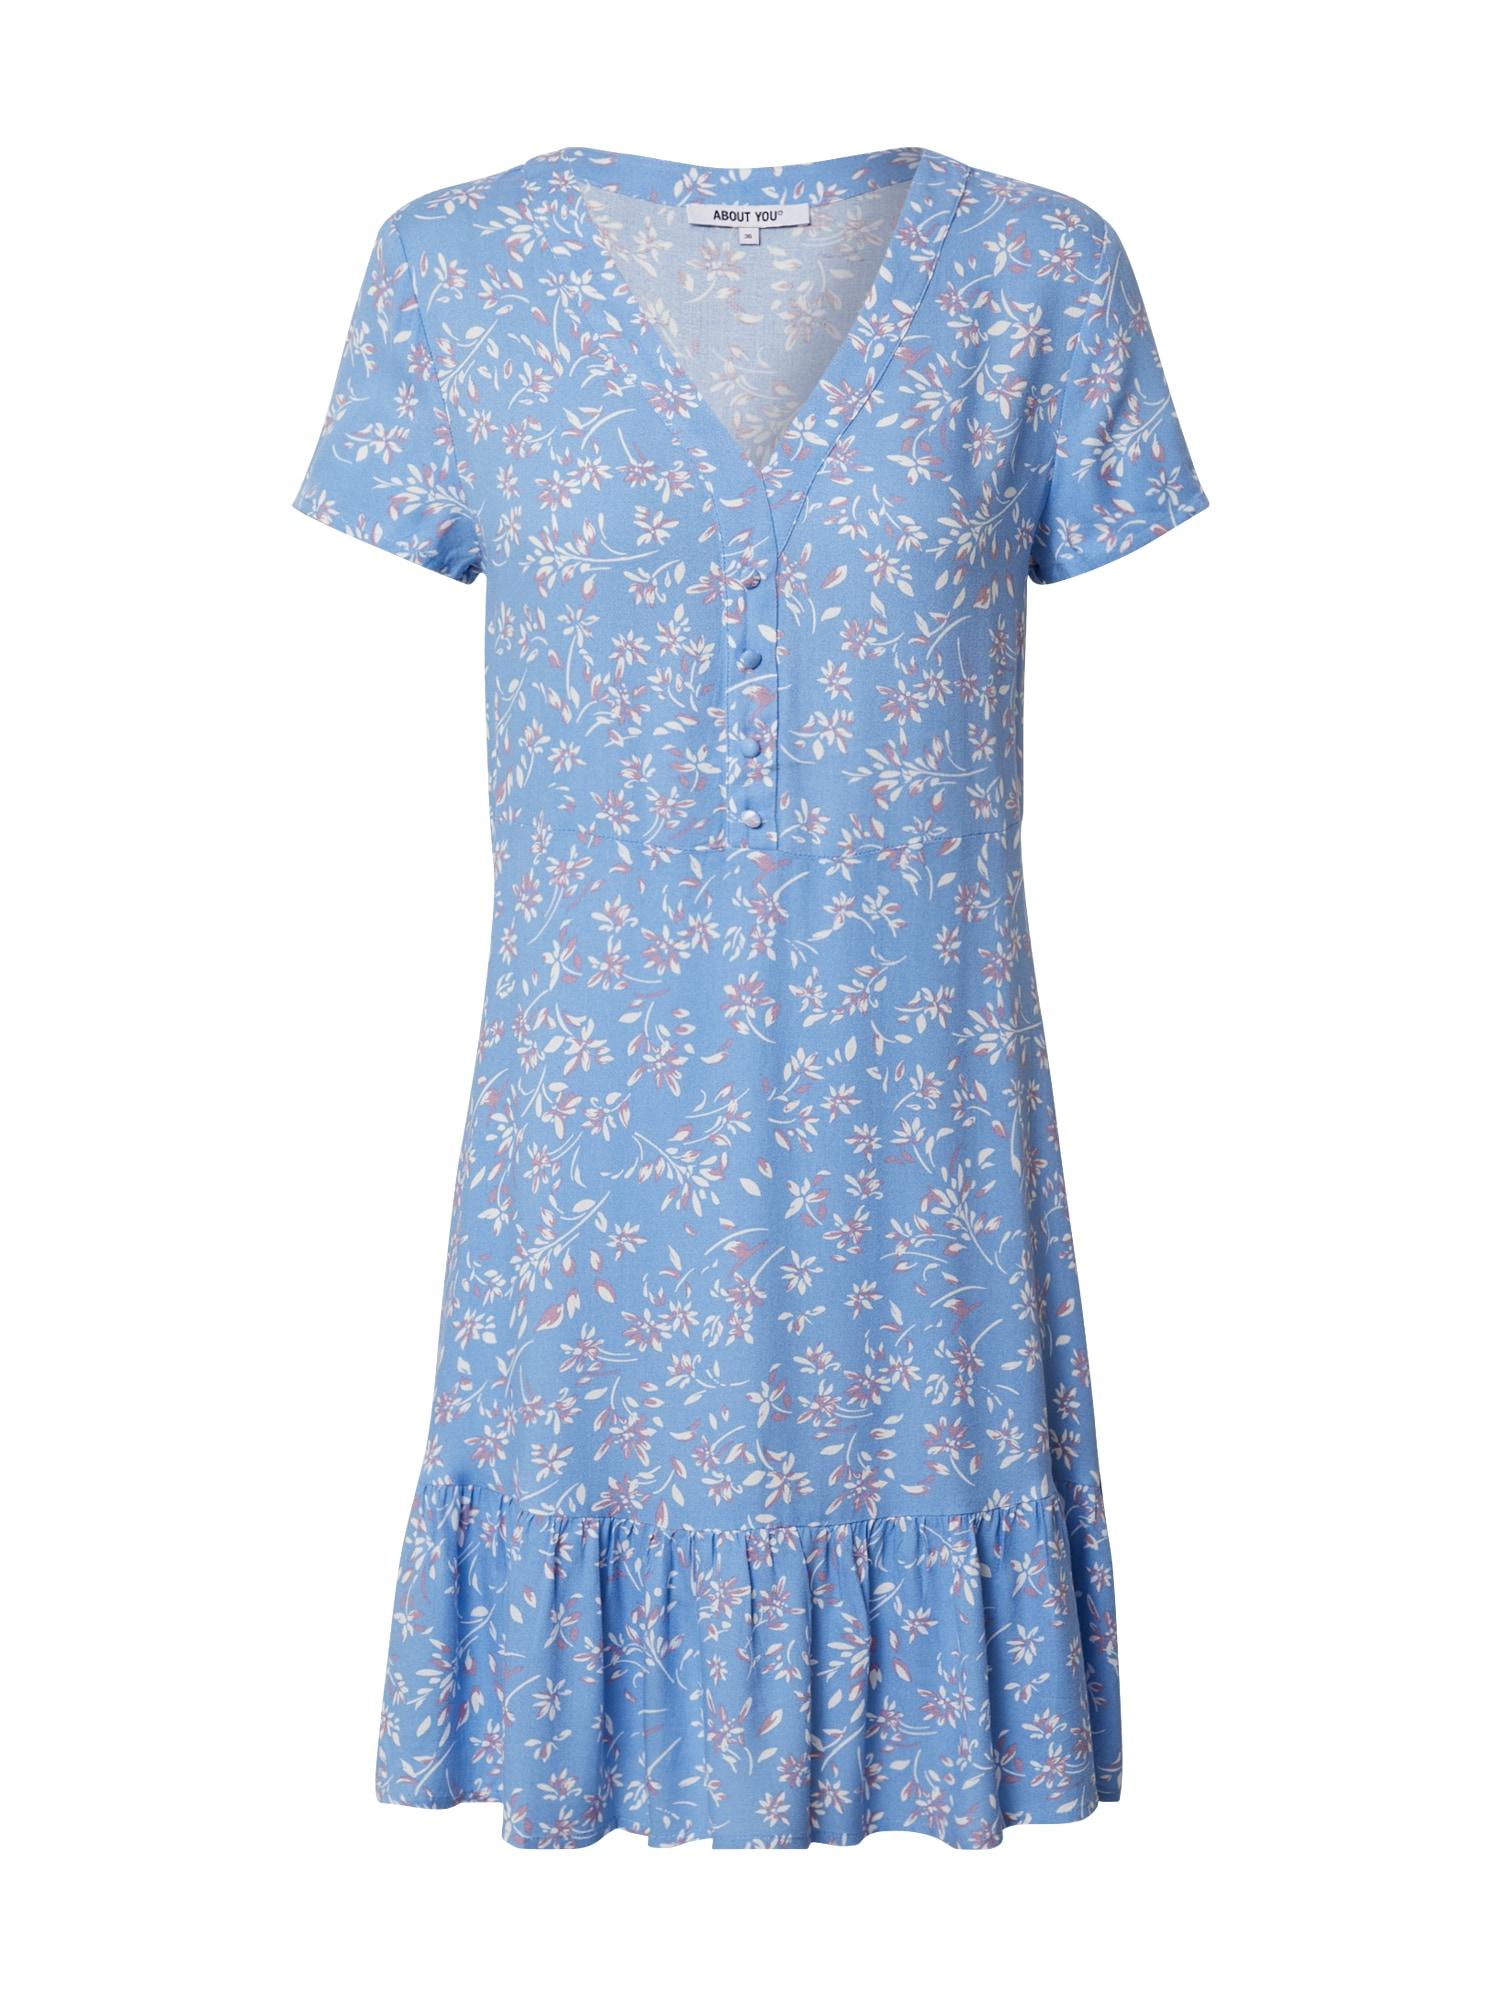 ABOUT YOU Vasarinė suknelė 'Joelle' mėlyna / mišrios spalvos